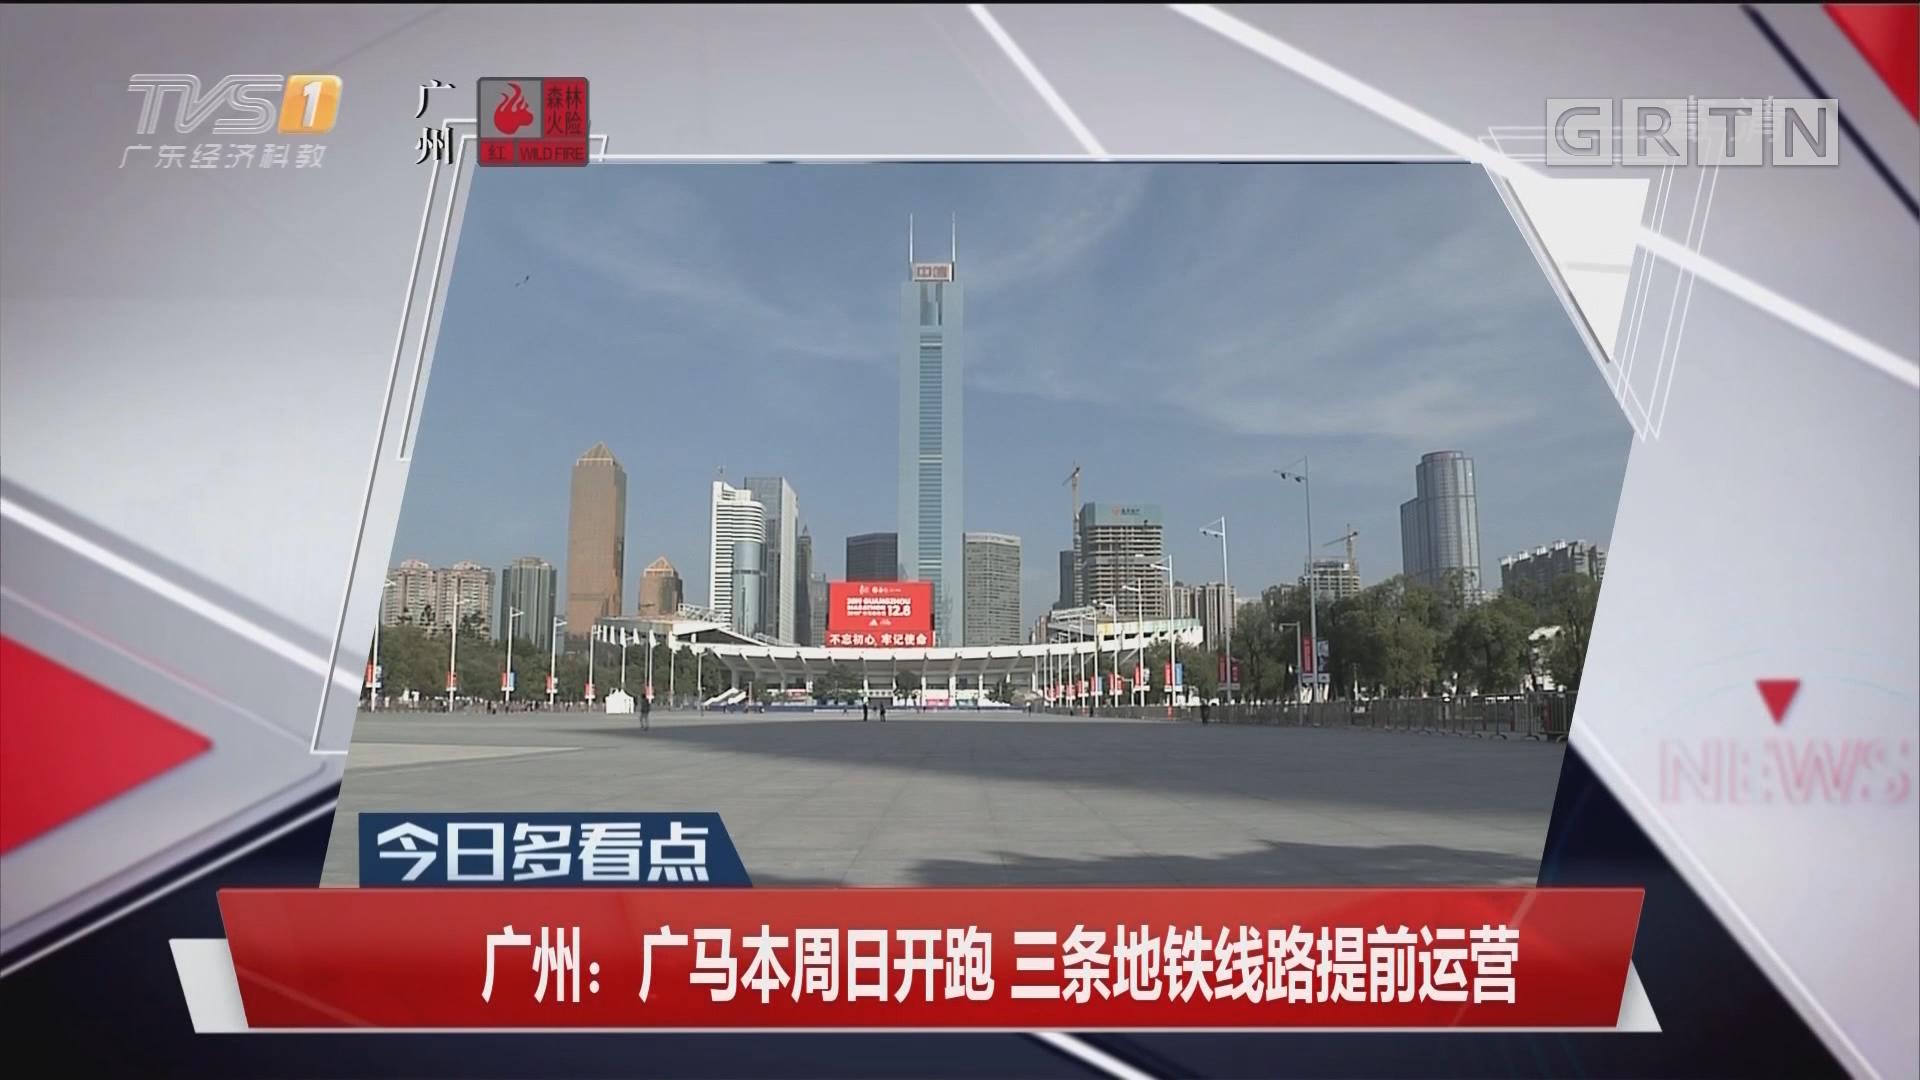 广州:广马本周日开跑 三条地铁线路提前运营